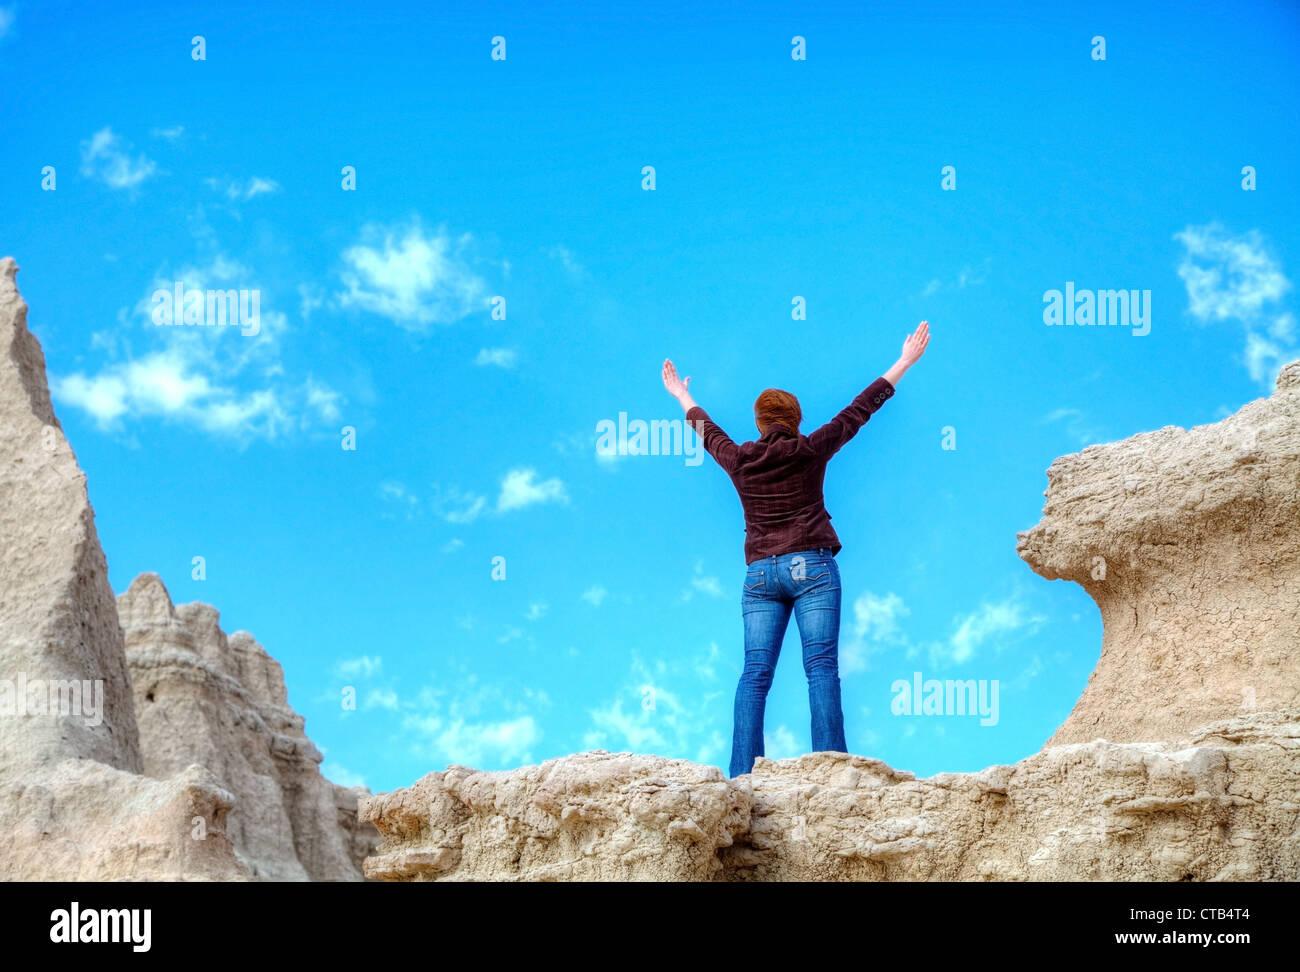 Frau mit erhobenen Händen gegen blauen Himmel Stockbild